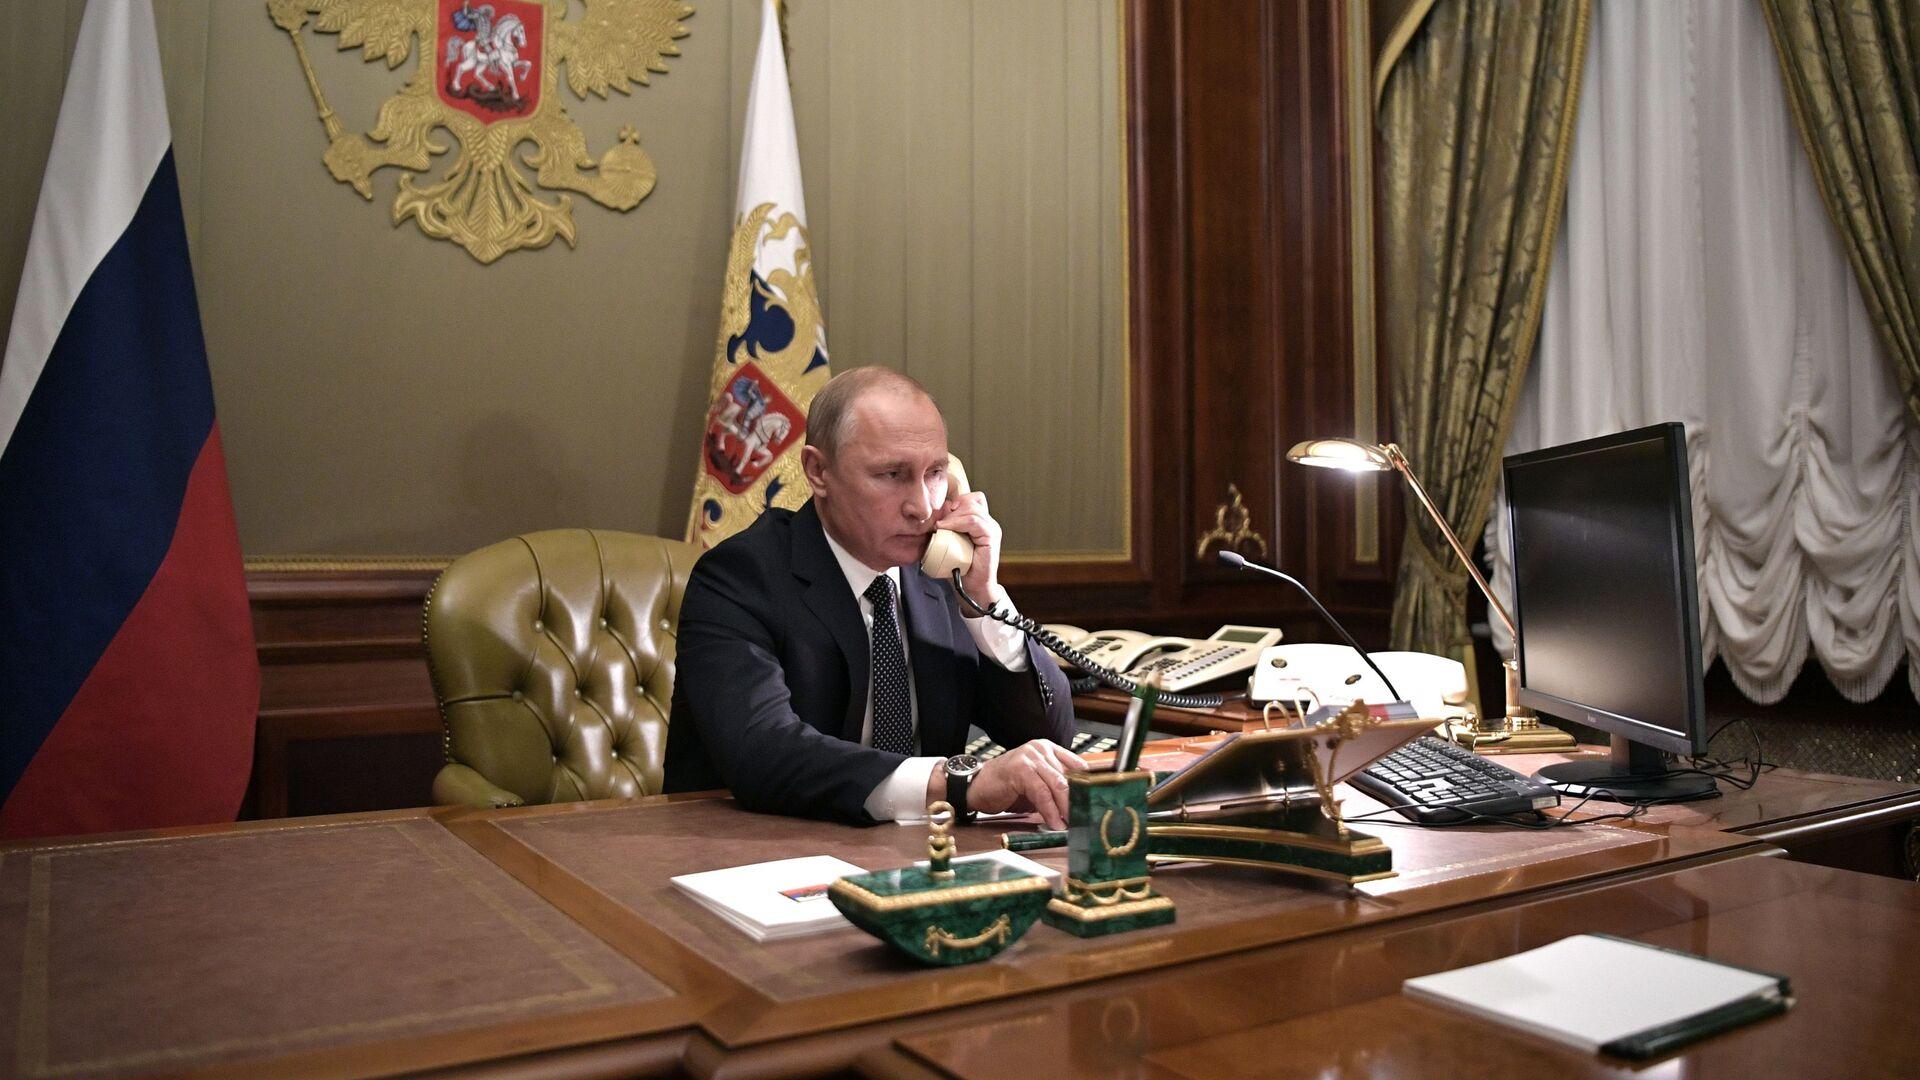 Władimir Putin rozmawia przez telefon - Sputnik Polska, 1920, 25.08.2021